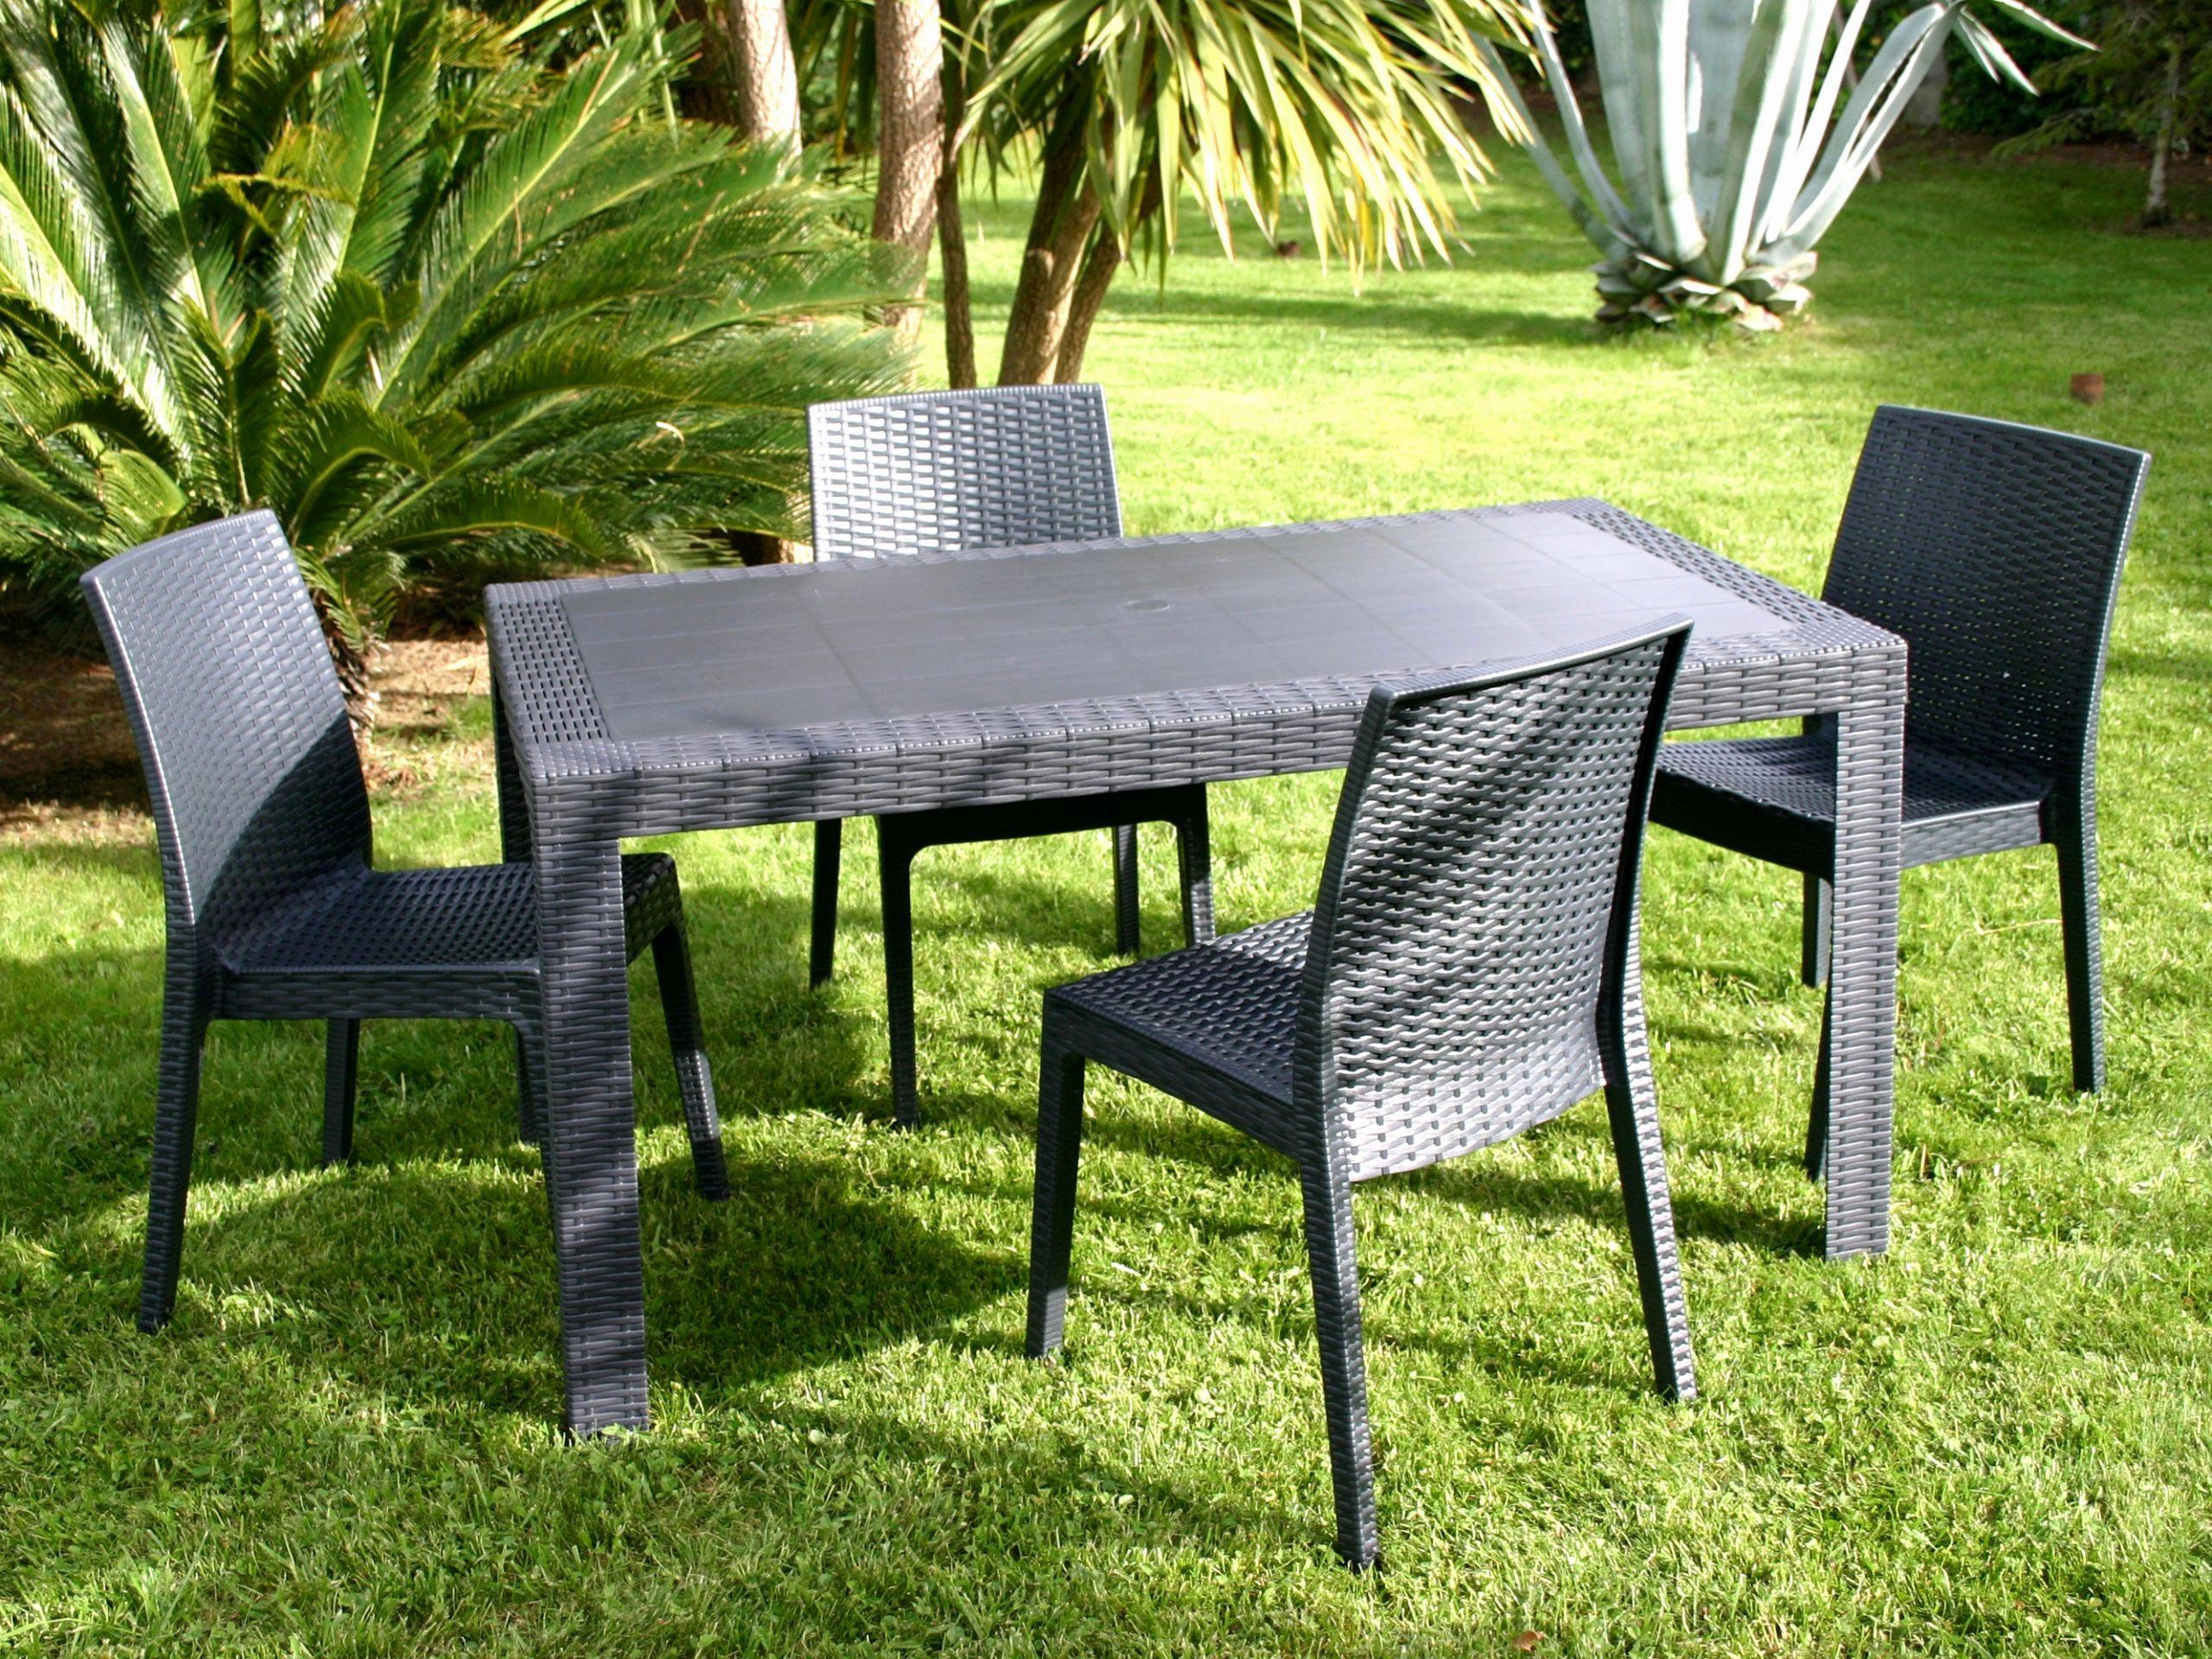 Table Exterieur Carrefour Best Of Catalogue Carrefour Abris ... dedans Fauteuil Jardin Carrefour